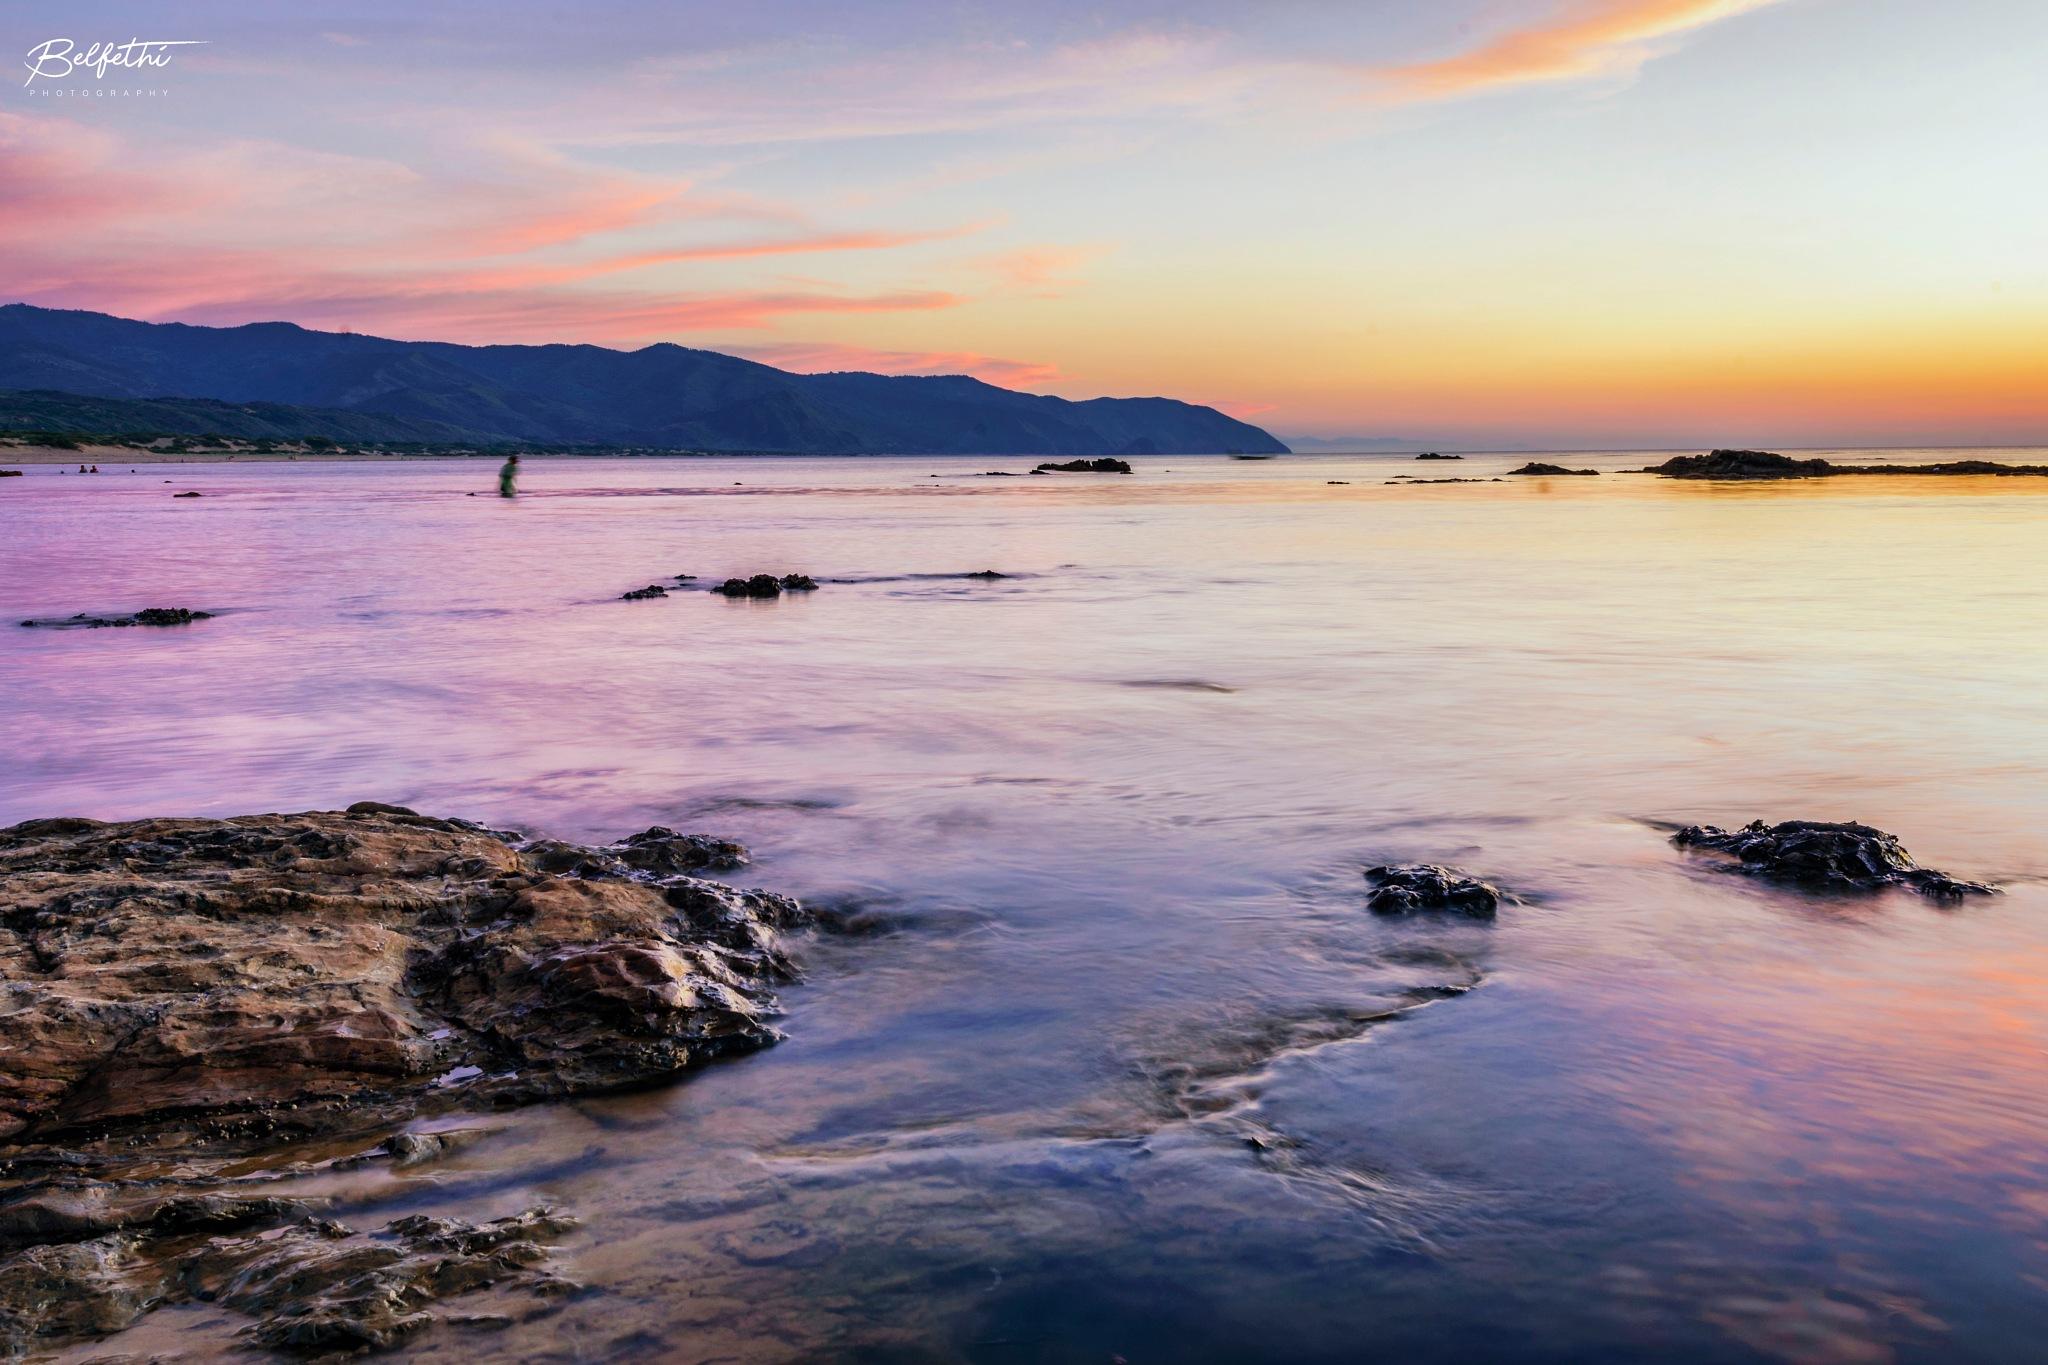 After sunset by Noureddine Belfethi